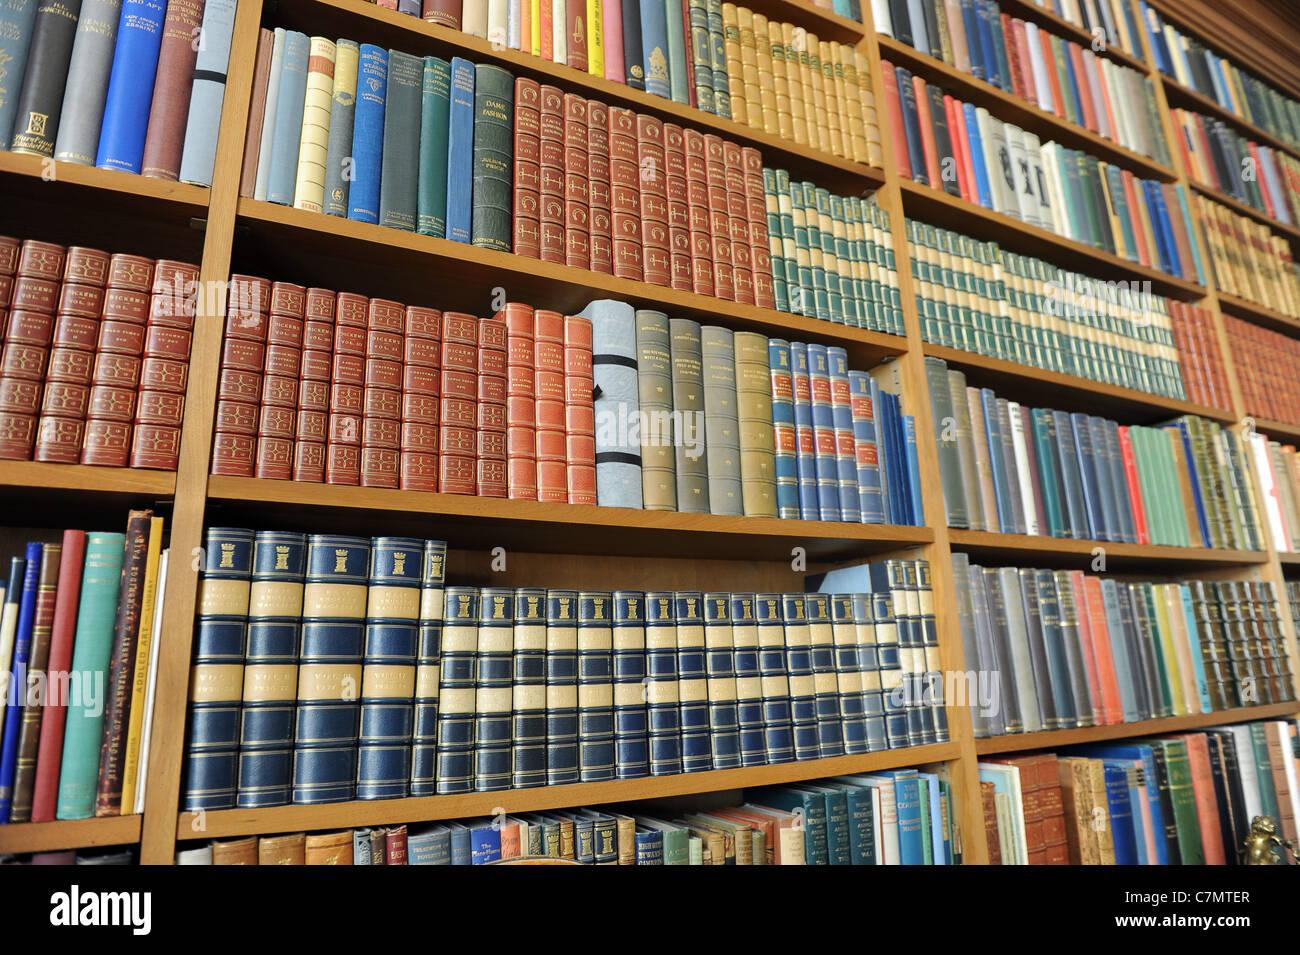 Library books on shelves uk - Stock Image